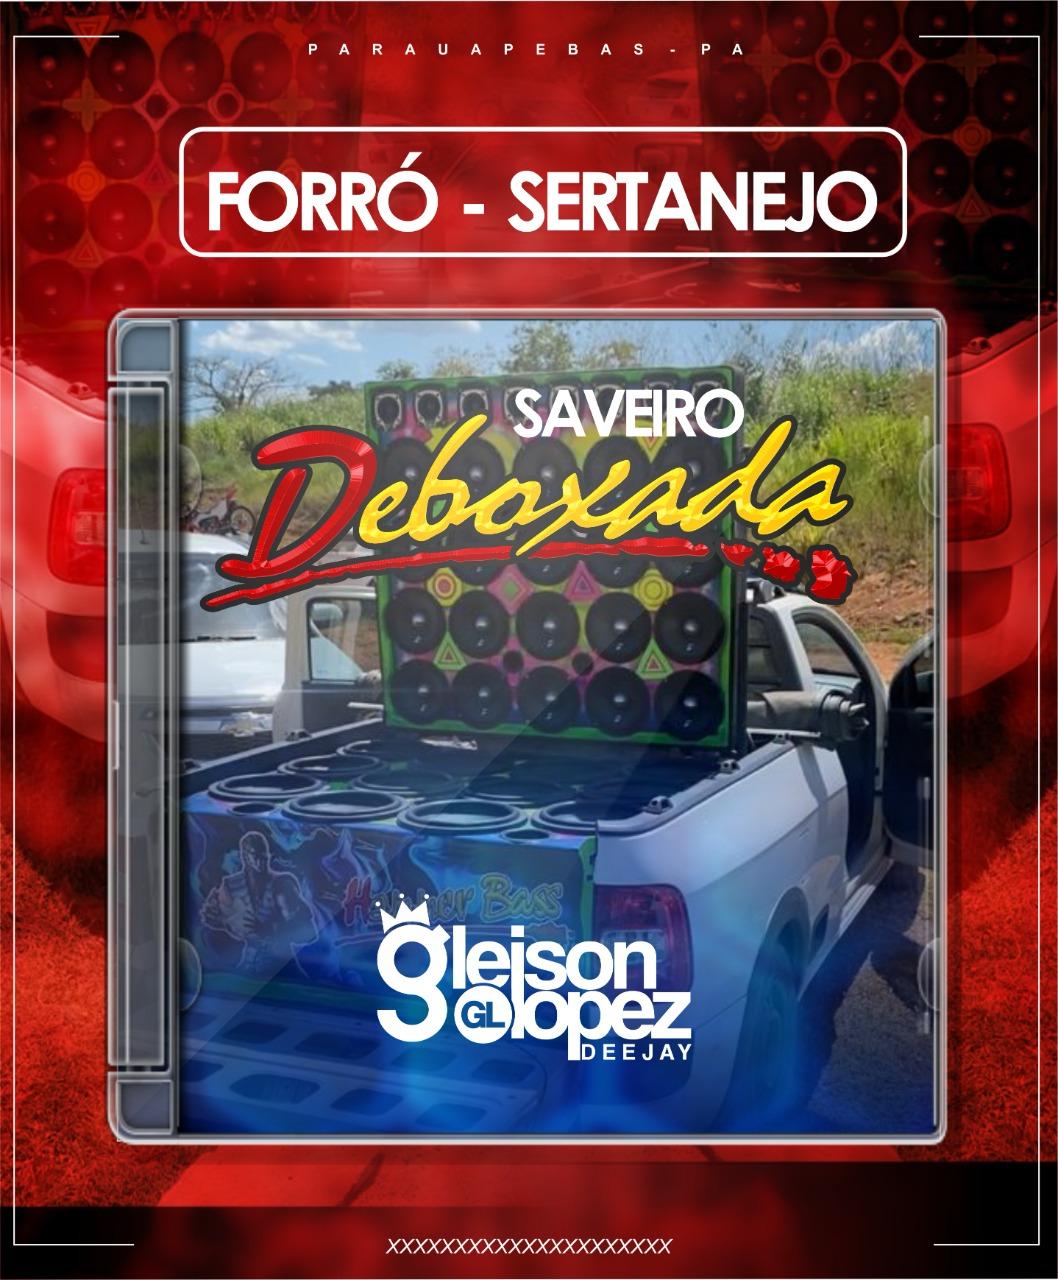 Saveiro Deboxada - FORRÓ - PISEIRO -SERTANEJO -  Gleison Lopez